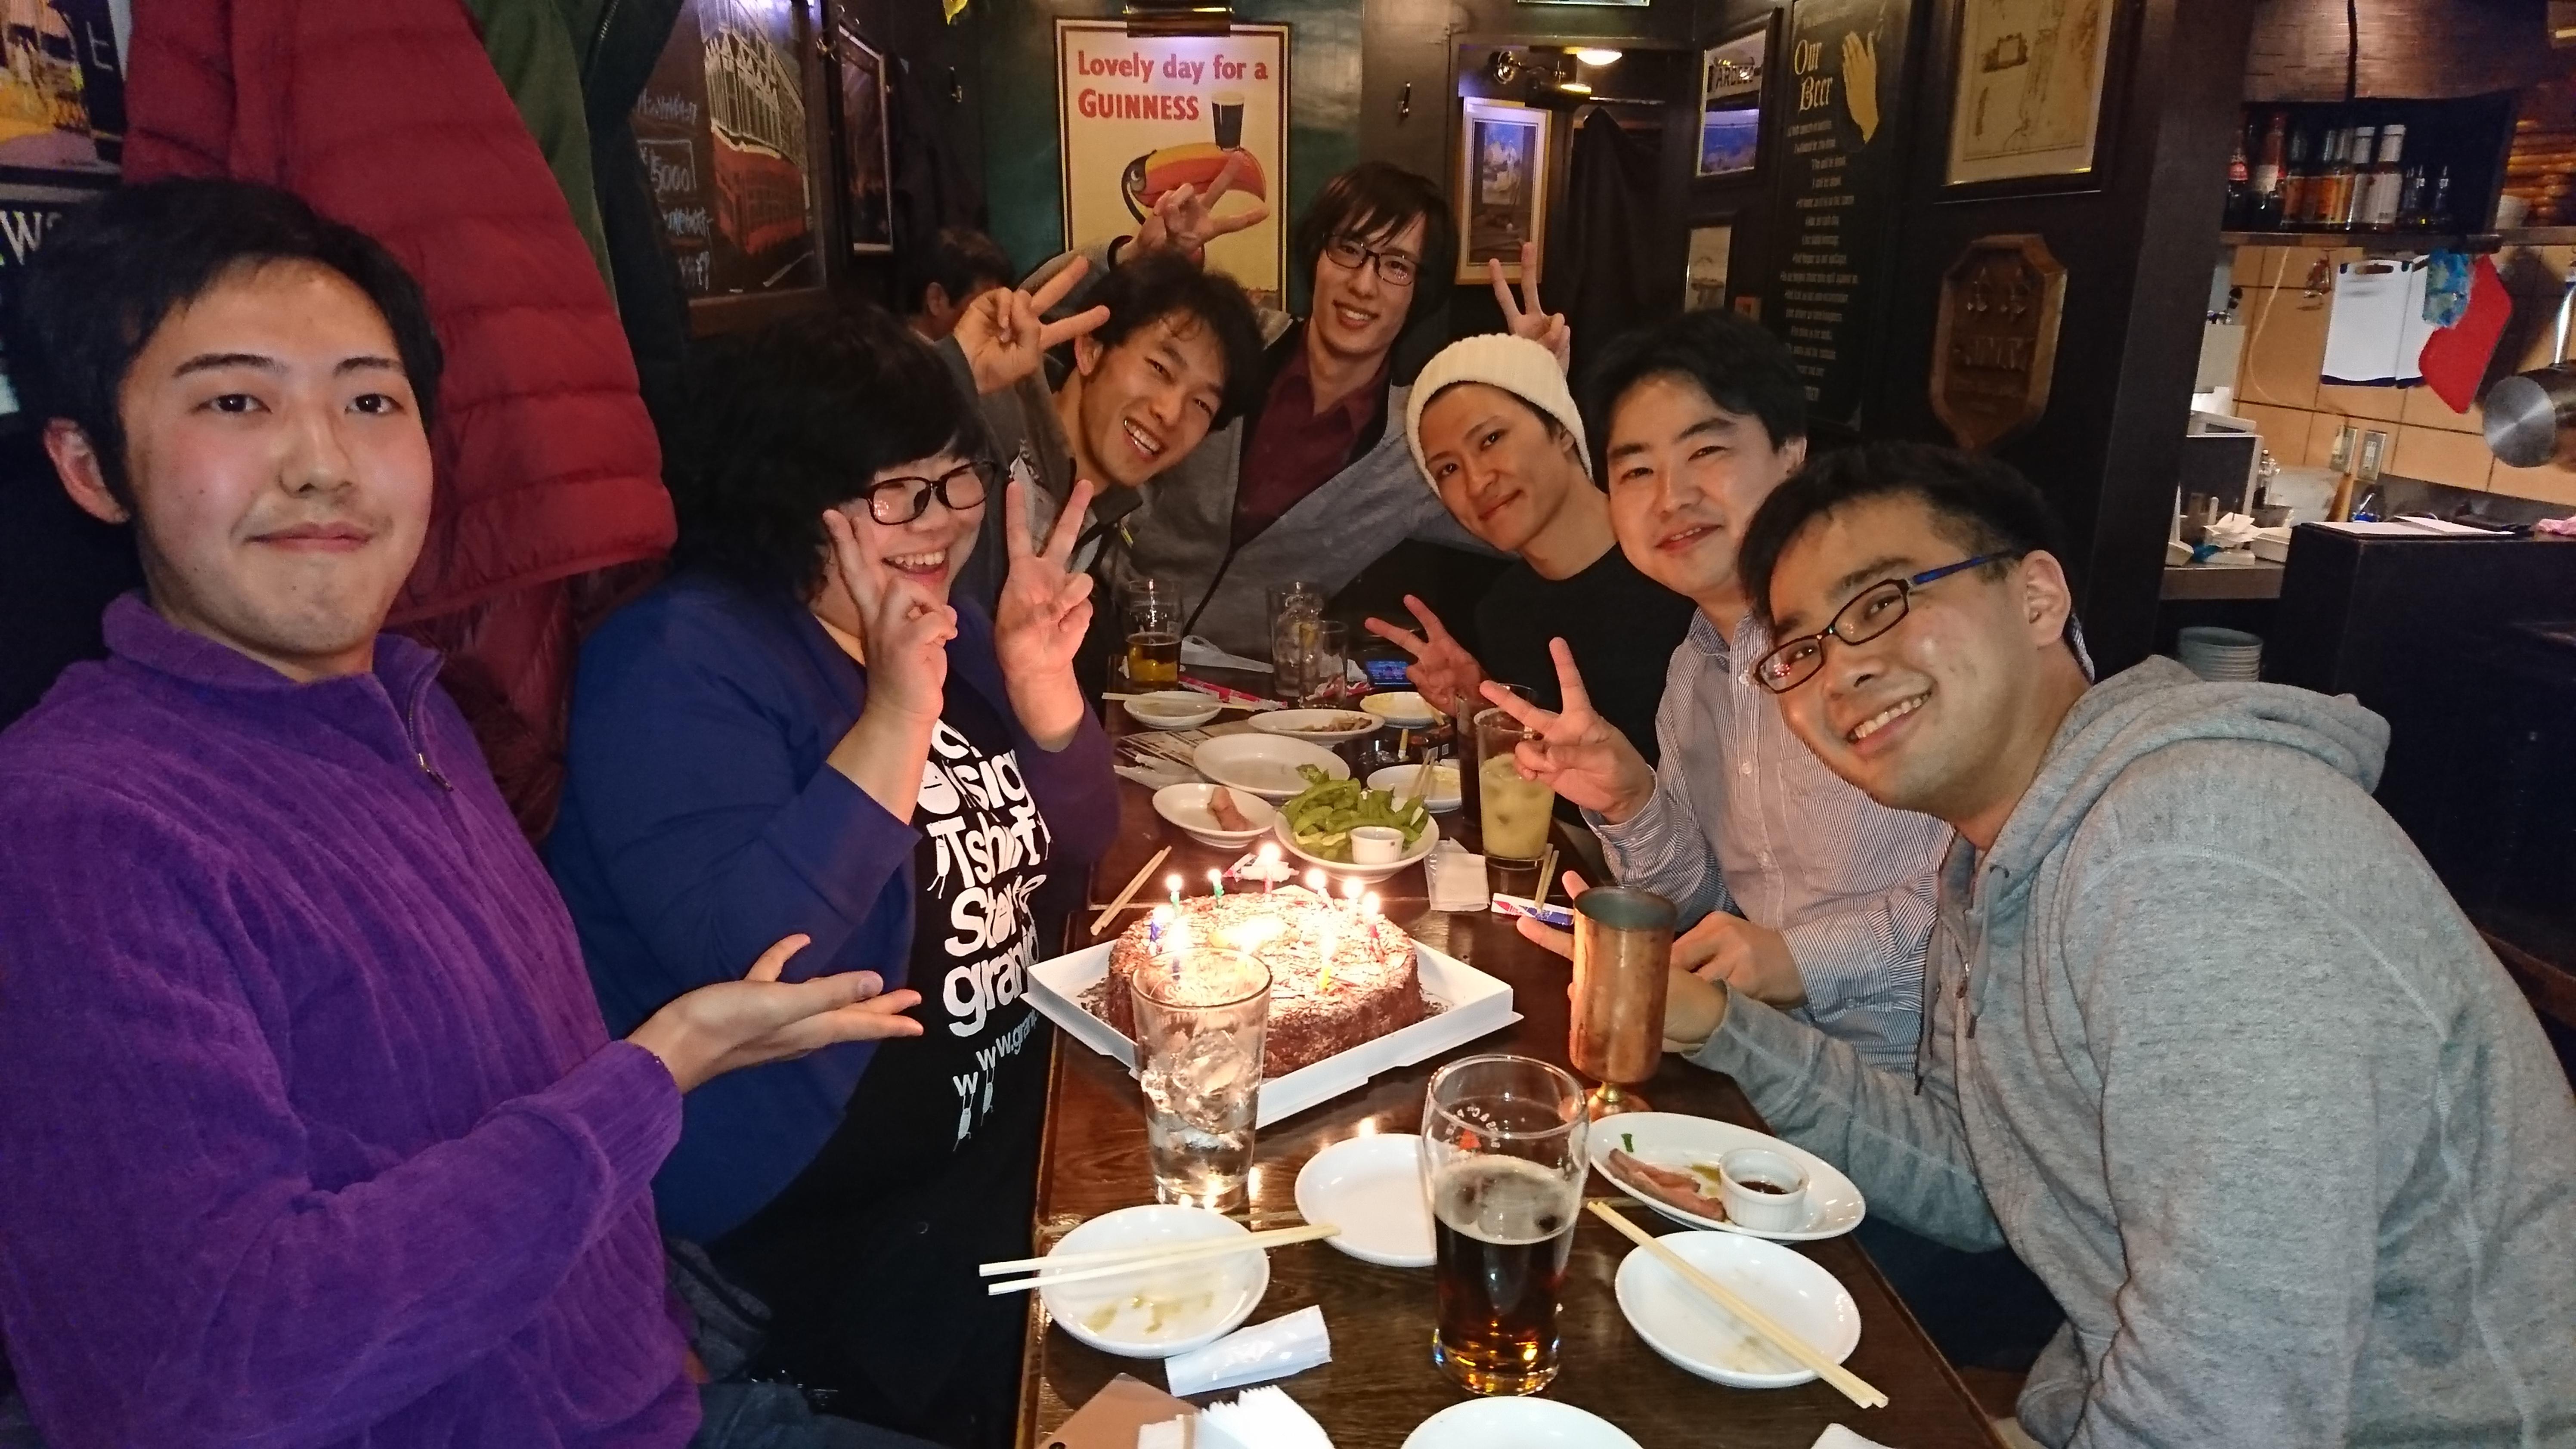 毎年春秋のタイブレイク恒例イベント、商品売場勉強会後のお食事会!今回はお誕生日も同時にお祝いしました!